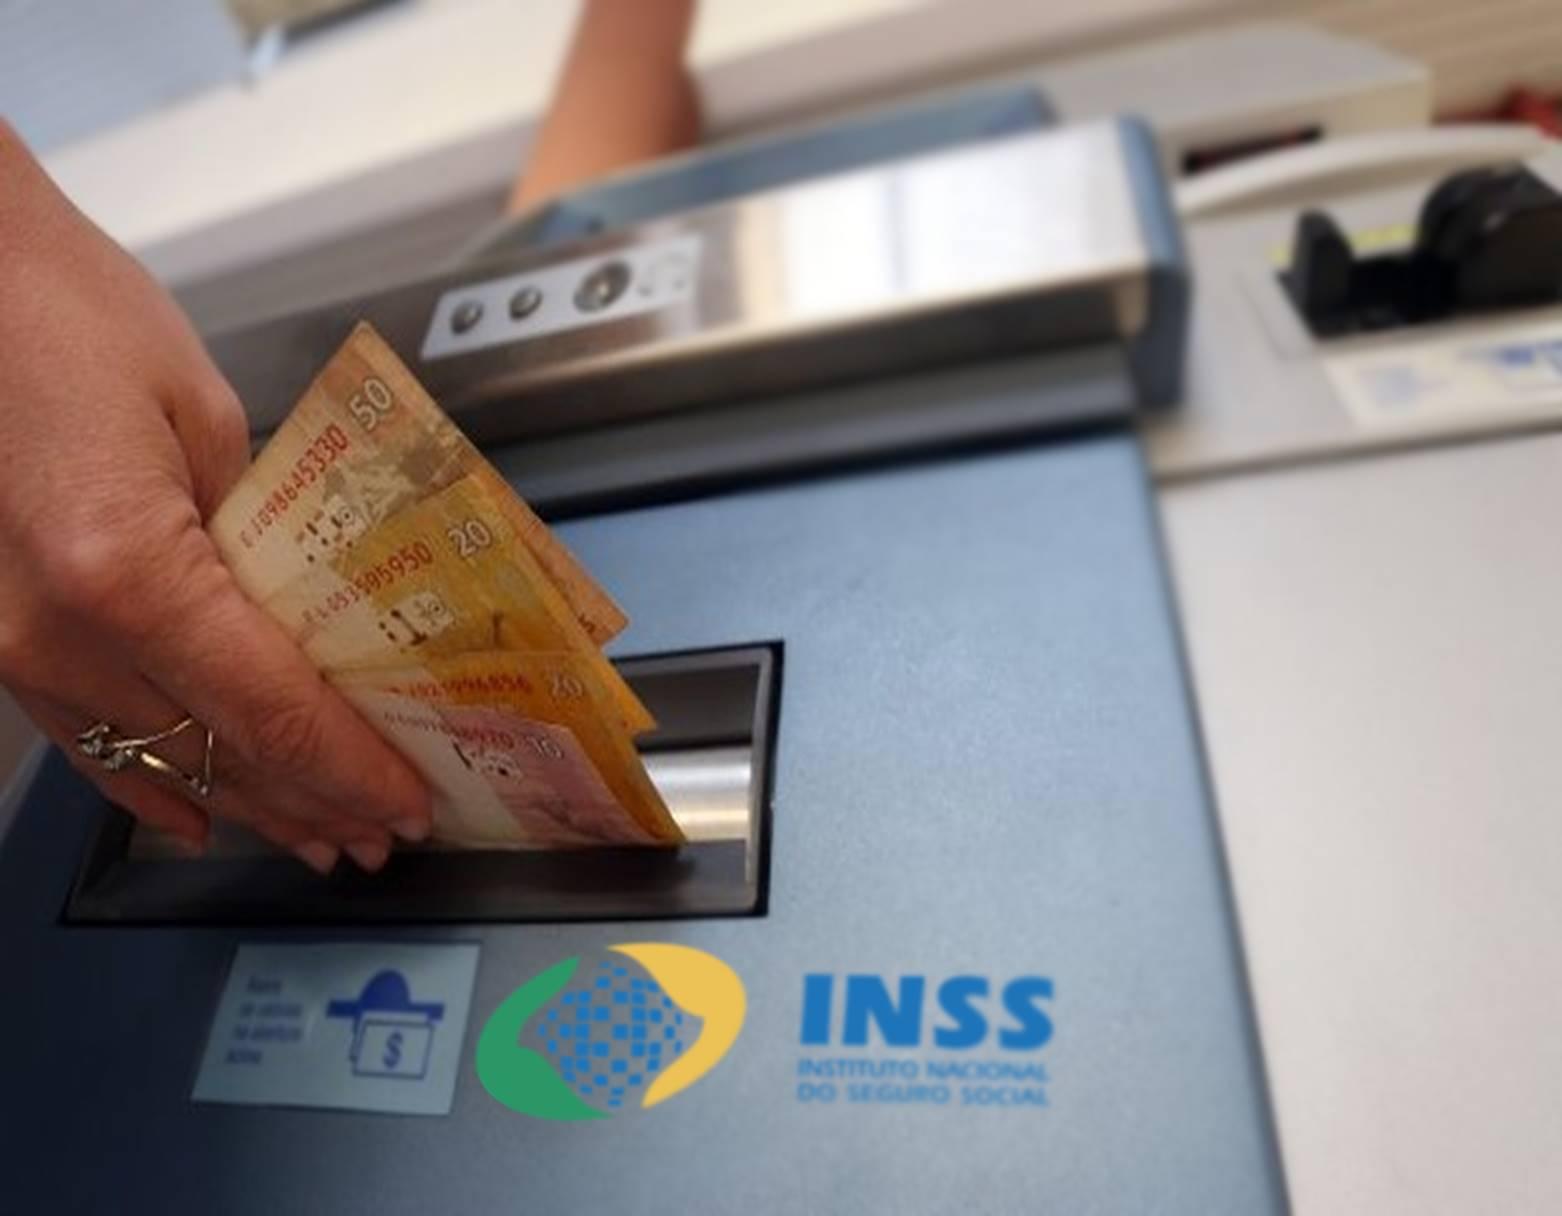 INSS dinheiro